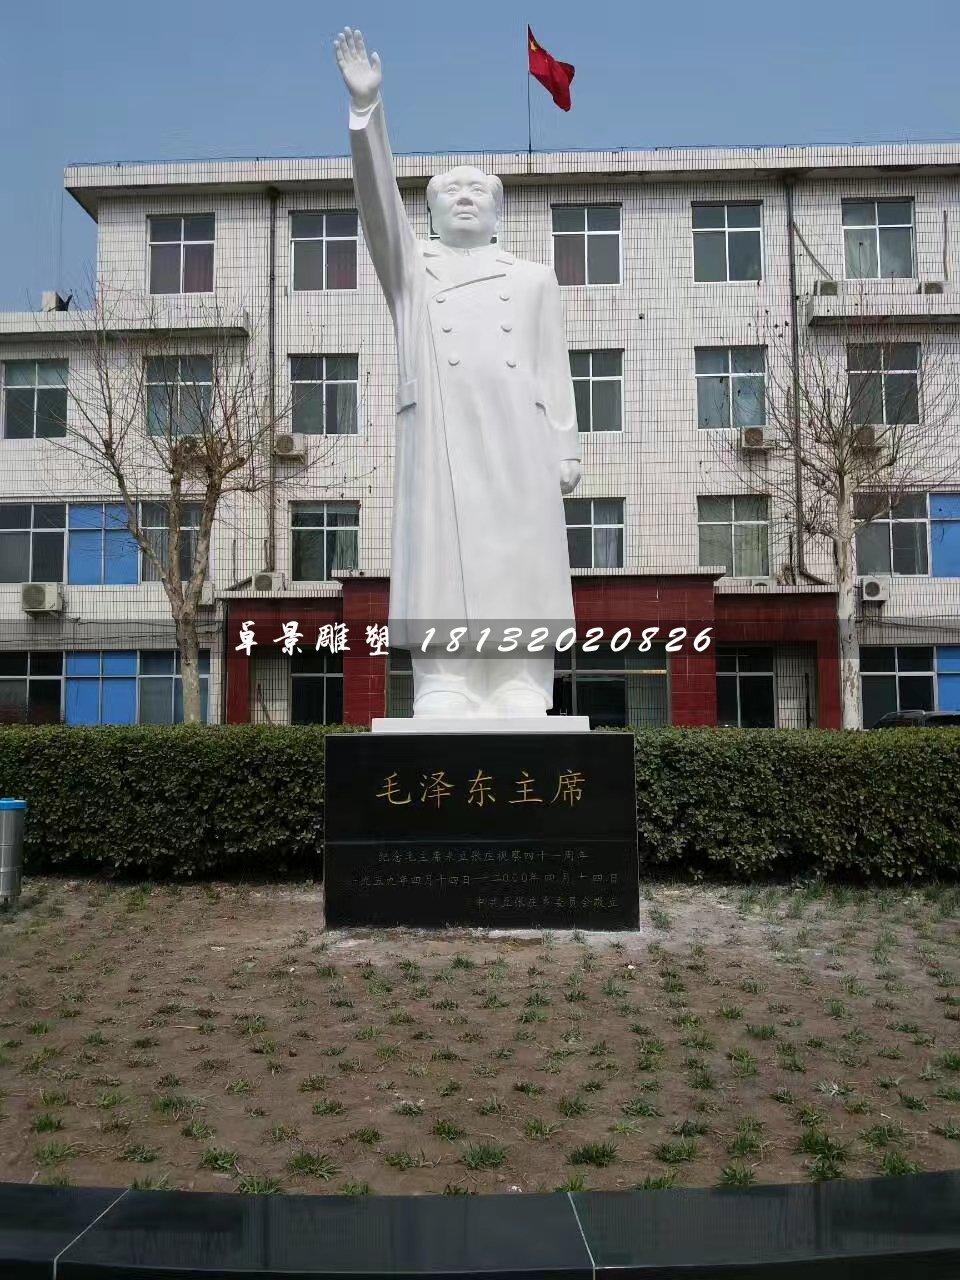 毛主席石雕,漢白玉毛主席揮手石雕